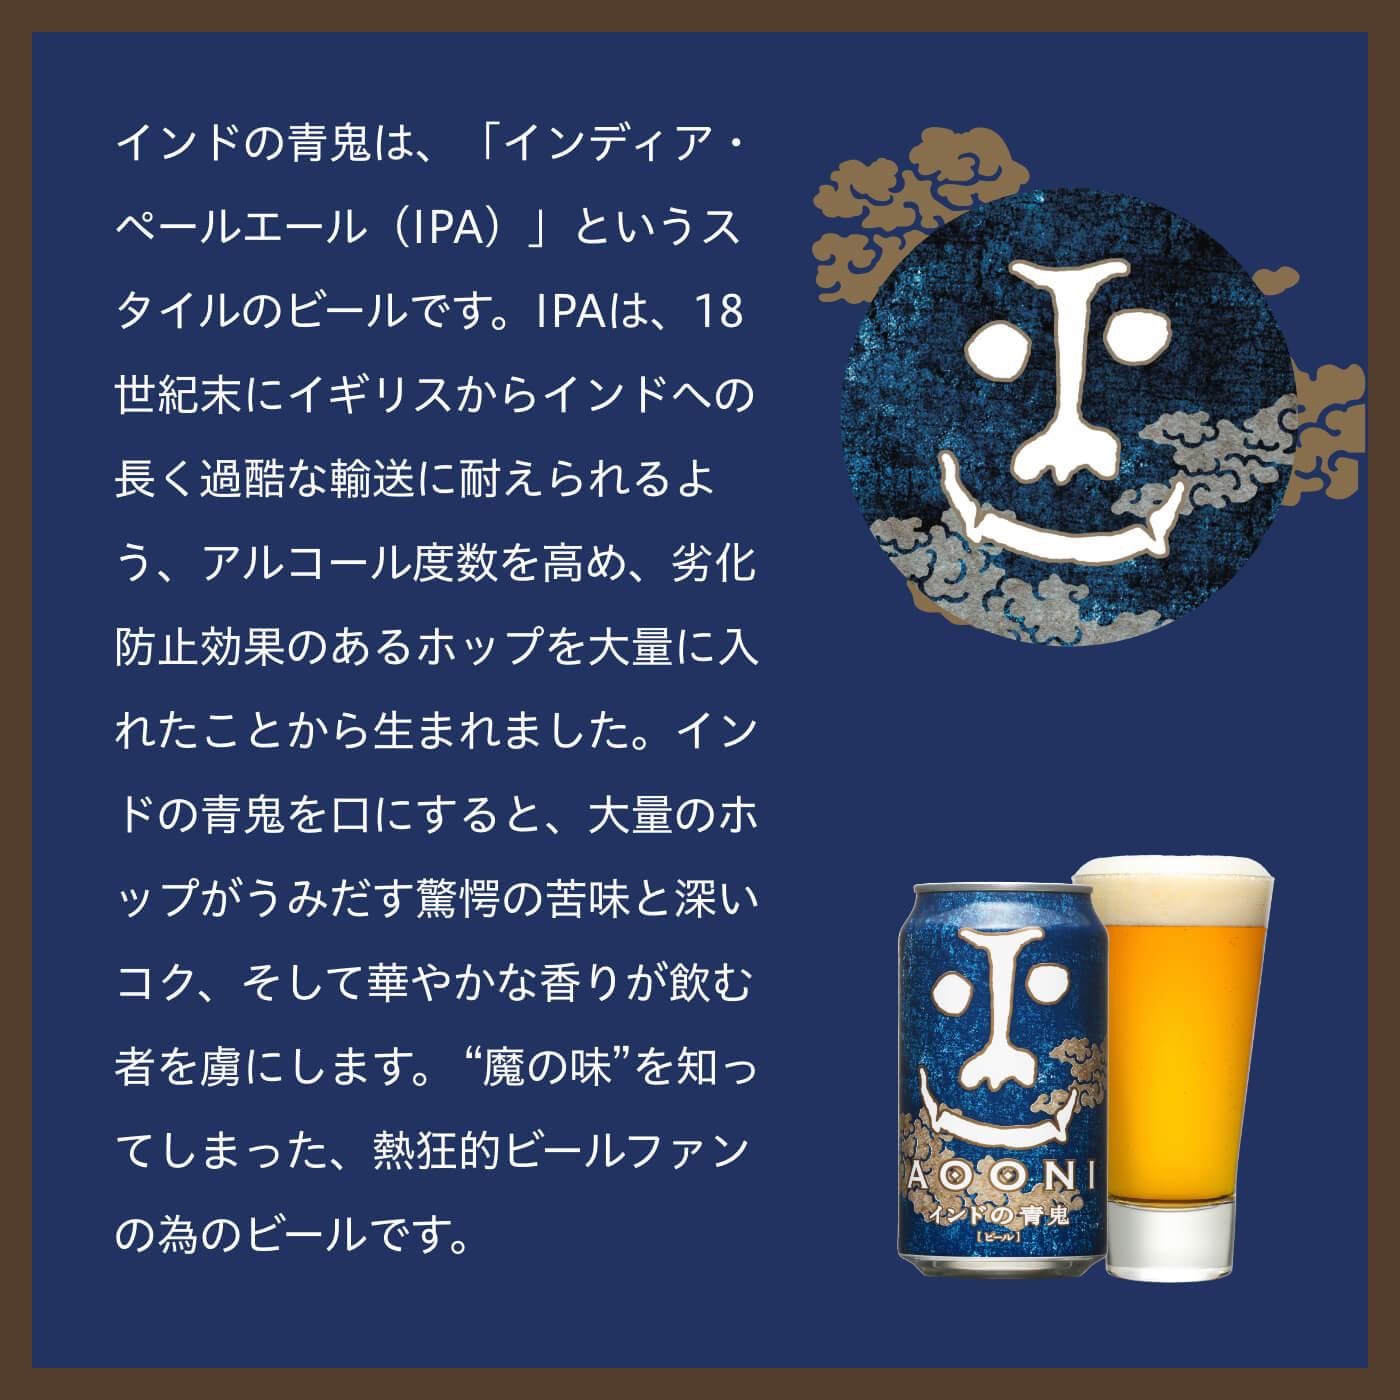 インドの青鬼24本(ケース) よなよなの里 エールビール醸造所 クラフトビール 地ビール ご当地ビール ヤッホーブルーイング公式 yonayona 軽井沢 24缶 IPA 缶ビール